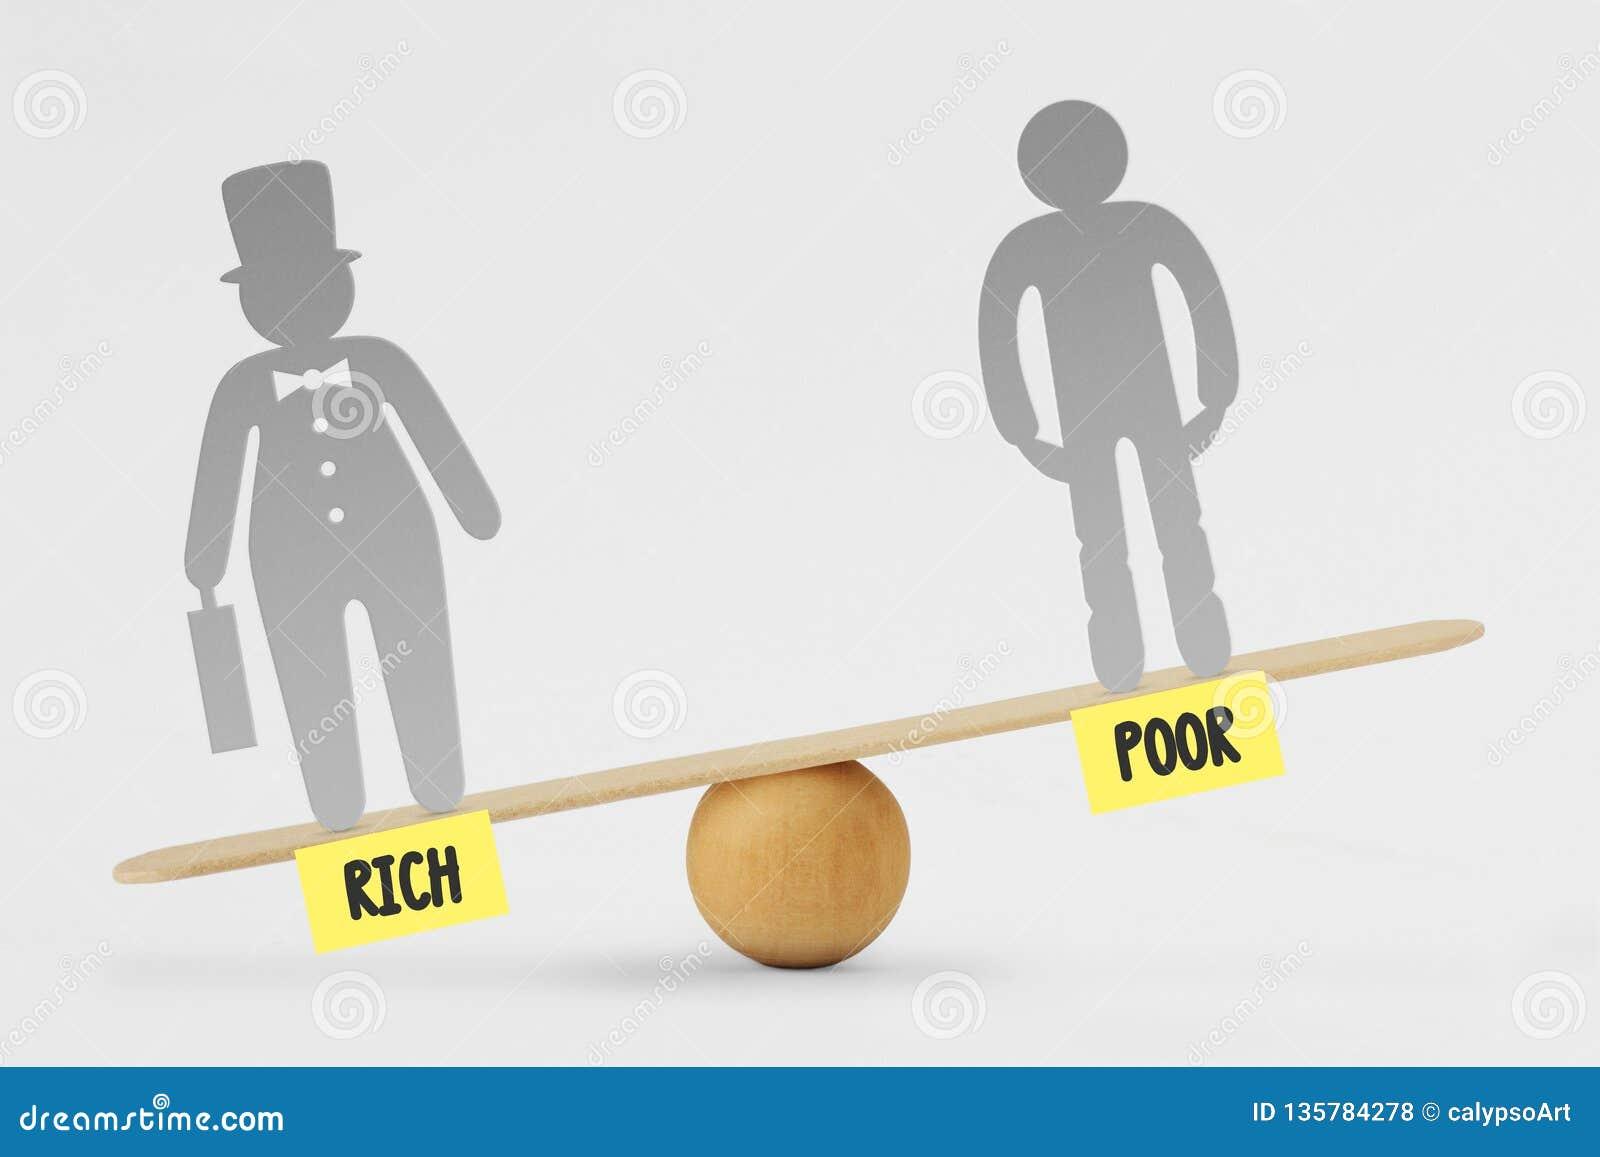 Fattigt och de rika på jämviktsskalan - begrepp av social ojämlikhet mellan rikt och fattigt folk